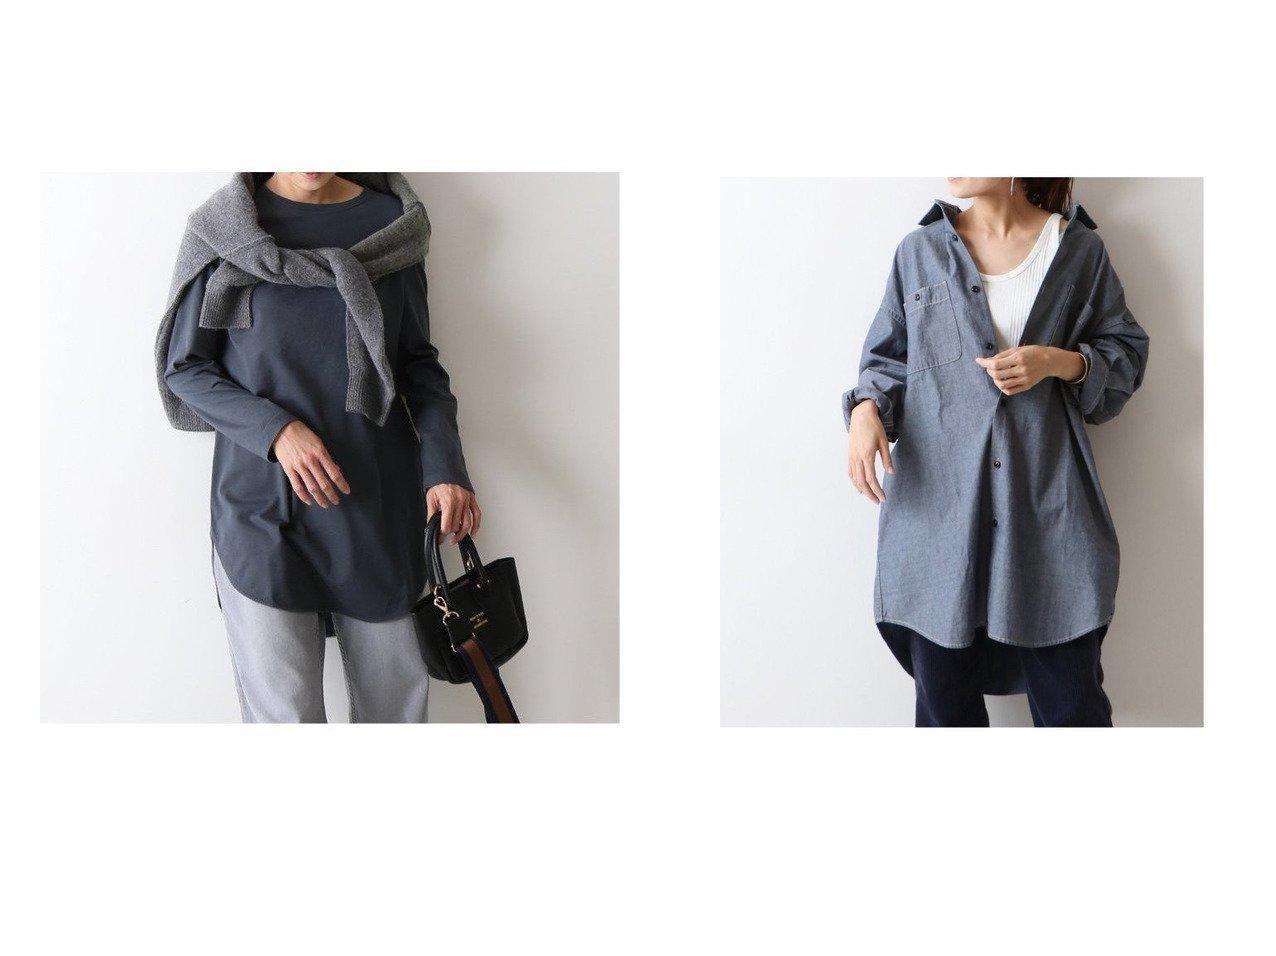 【FRAMeWORK/フレームワーク】のダンガリービッグシャツ&コットン天竺 ラウンドヘム6 FRAMeWORKのおすすめ!人気、トレンド・レディースファッションの通販  おすすめで人気の流行・トレンド、ファッションの通販商品 メンズファッション・キッズファッション・インテリア・家具・レディースファッション・服の通販 founy(ファニー) https://founy.com/ ファッション Fashion レディースファッション WOMEN トップス Tops Tshirt シャツ/ブラウス Shirts Blouses ロング / Tシャツ T-Shirts カットソー Cut and Sewn 2020年 2020 2020-2021 秋冬 A/W AW Autumn/Winter / FW Fall-Winter 2020-2021 A/W 秋冬 AW Autumn/Winter / FW Fall-Winter カットソー スウェット バランス 再入荷 Restock/Back in Stock/Re Arrival |ID:crp329100000017321